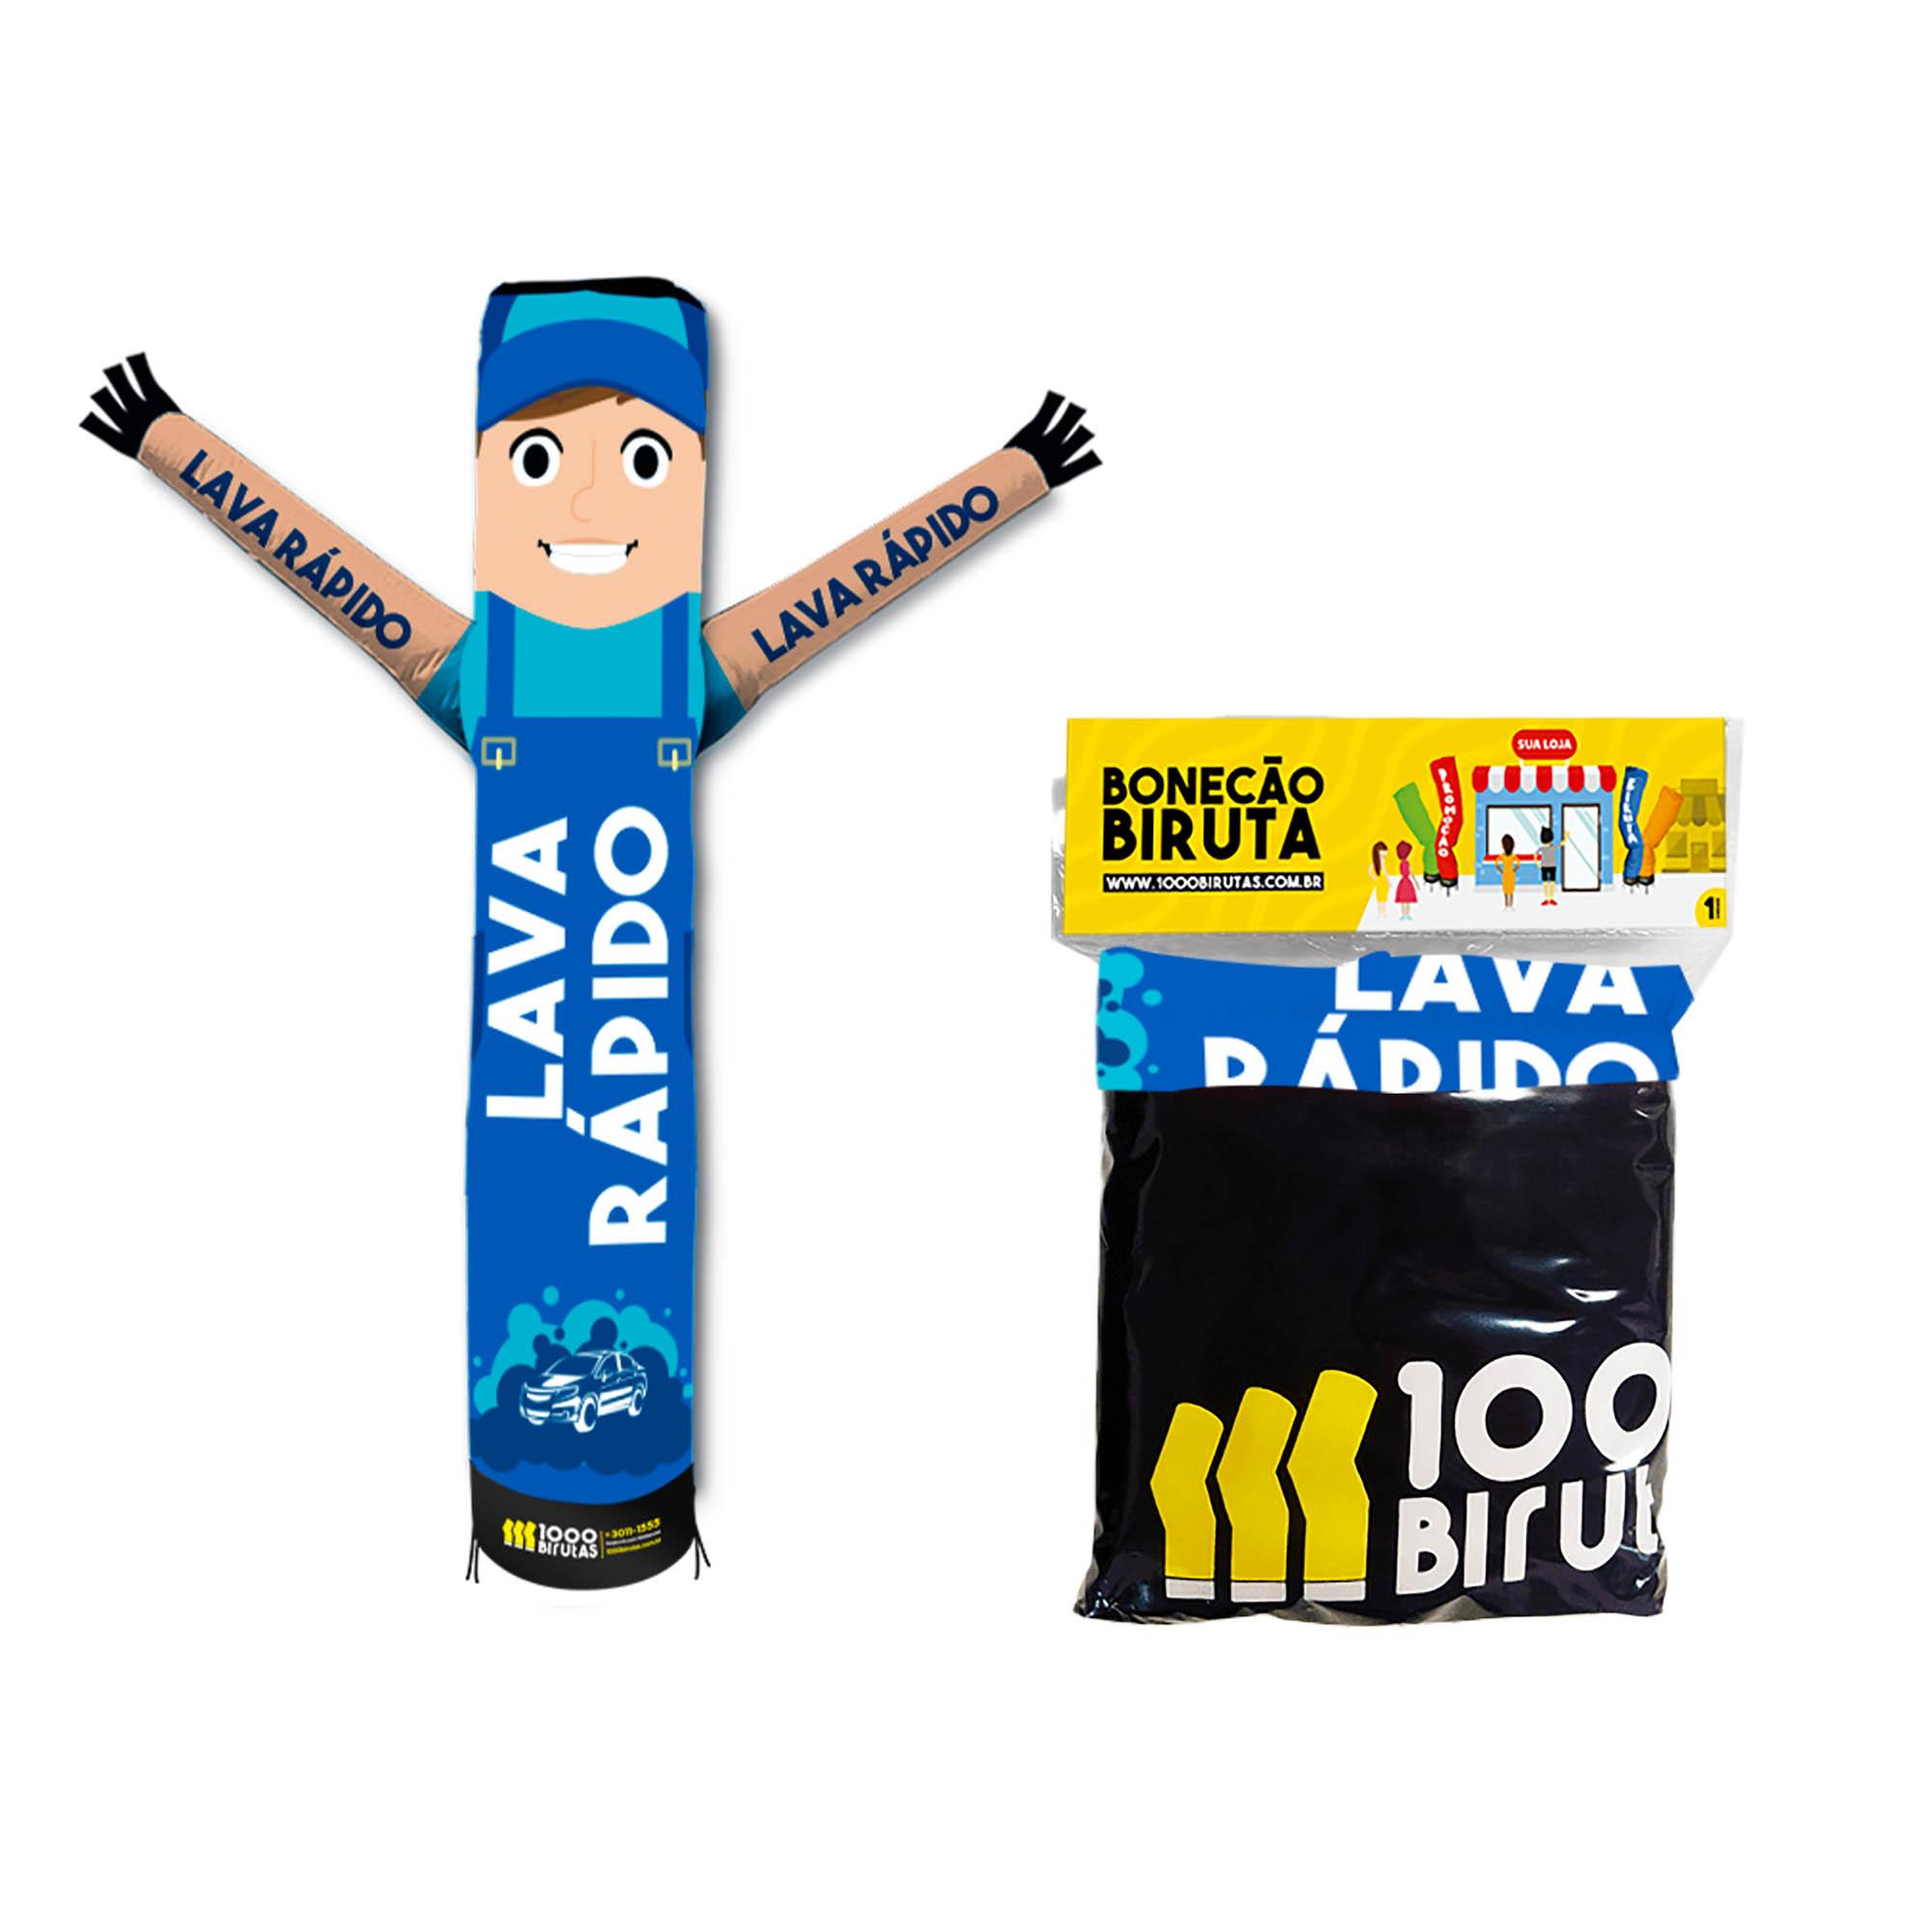 Boneco Bonekito Pano 2M Lava Rápido  - 1000 Birutas